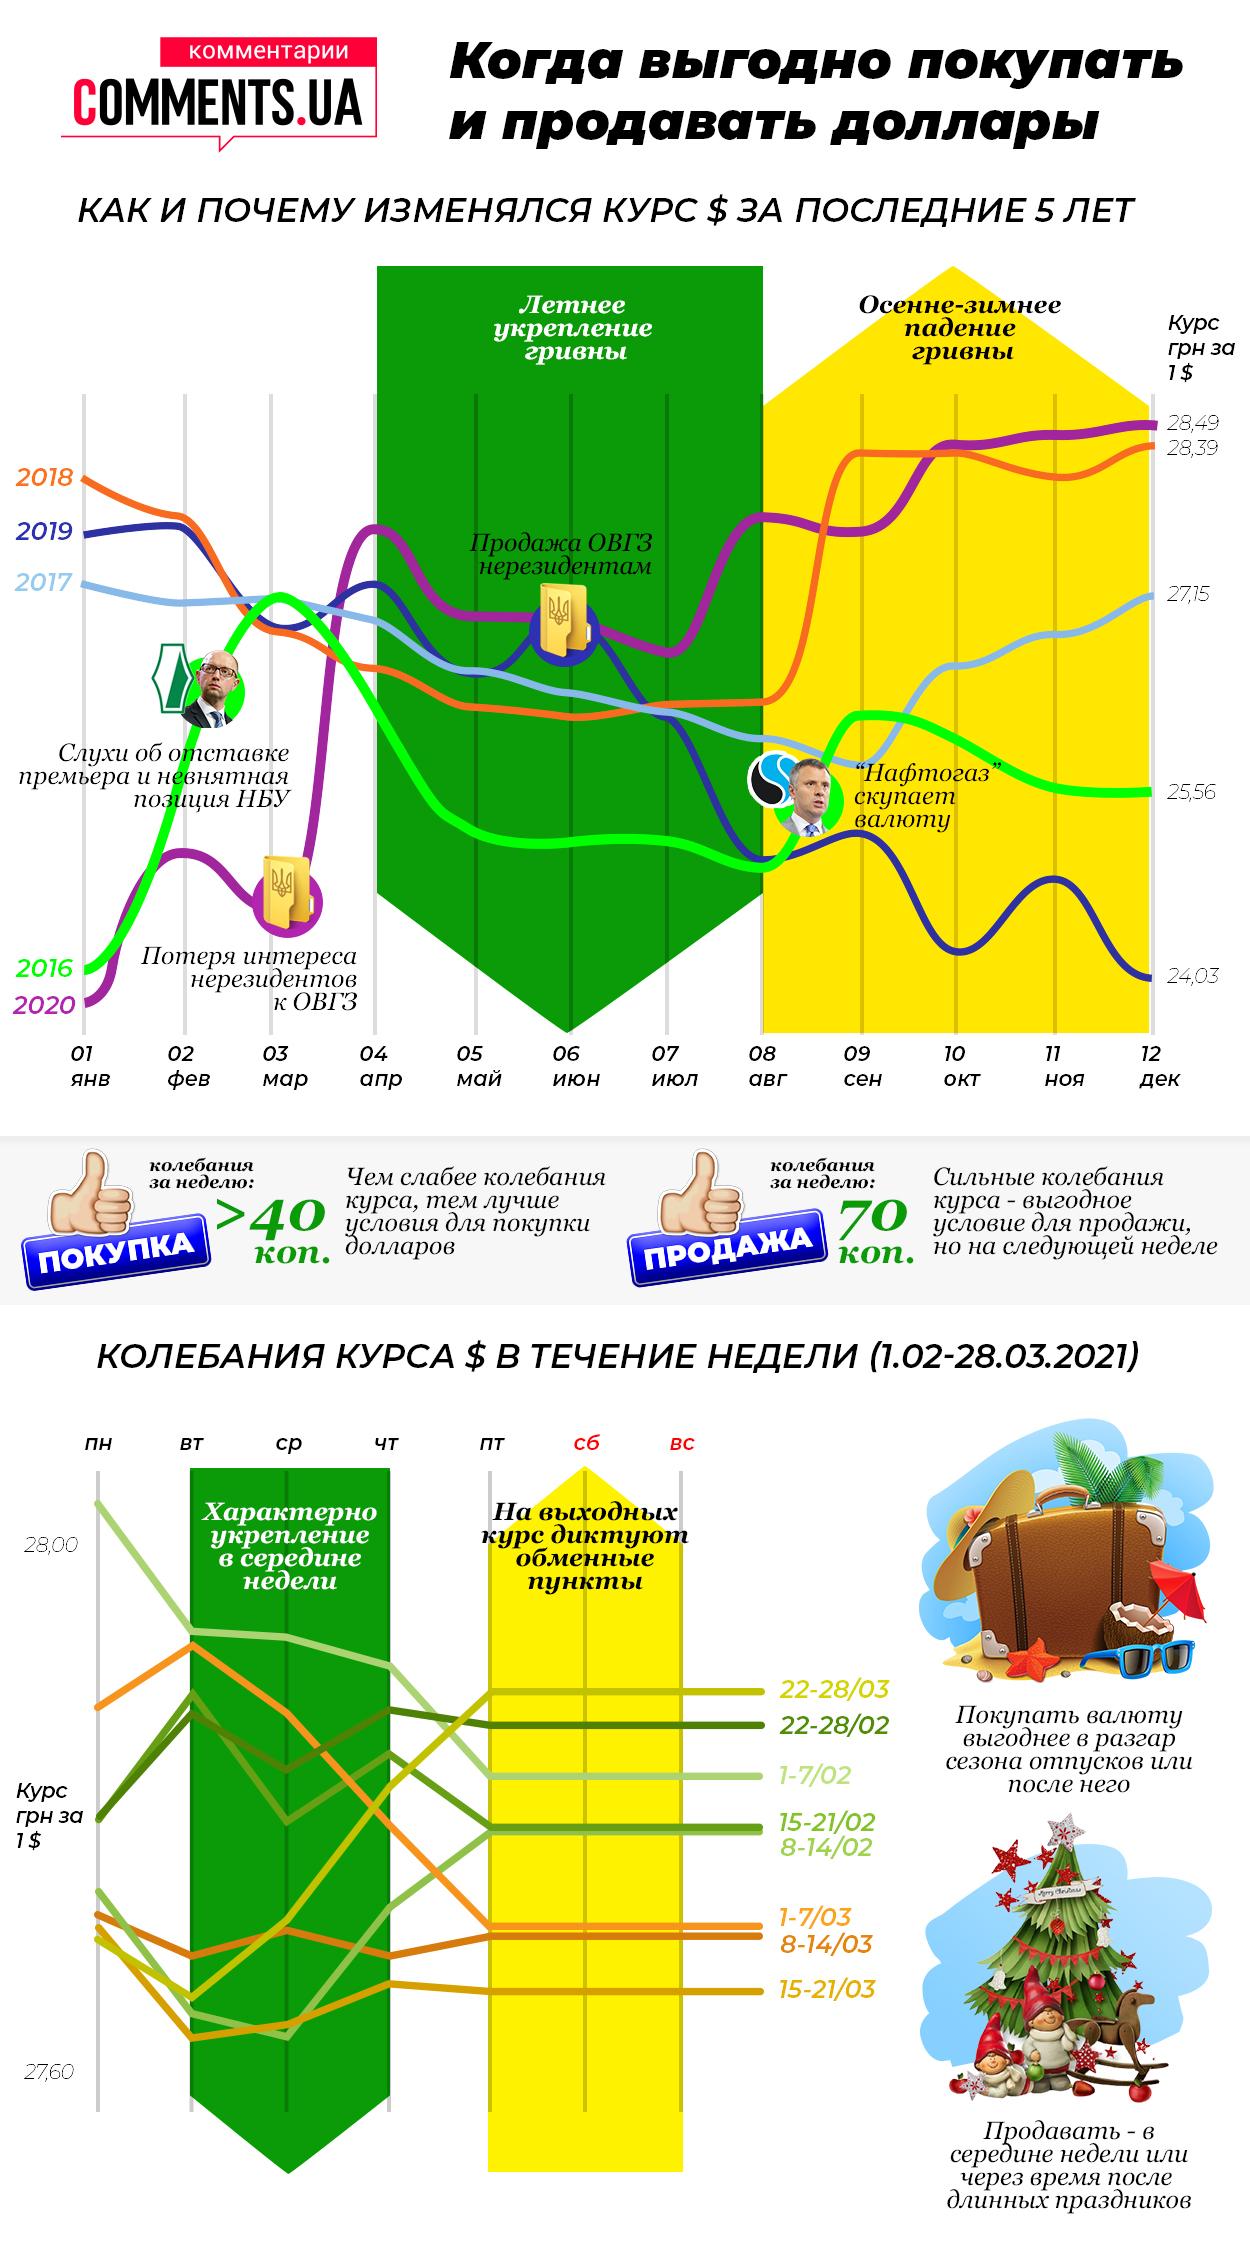 Колебания курса: когда выгодно покупать и продавать доллары в Украине - фото 2